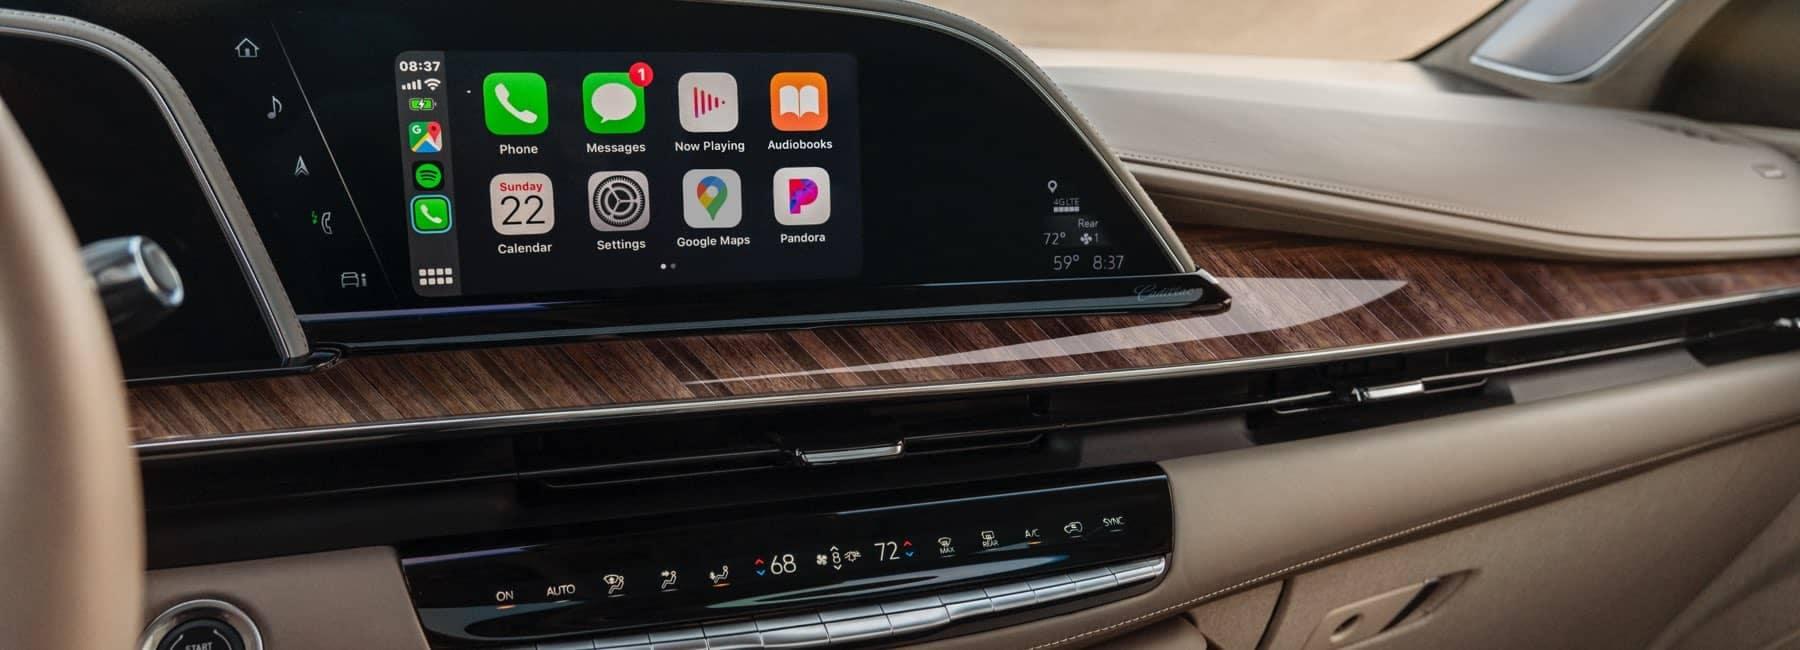 2021 Cadillac Escalade interior front dash